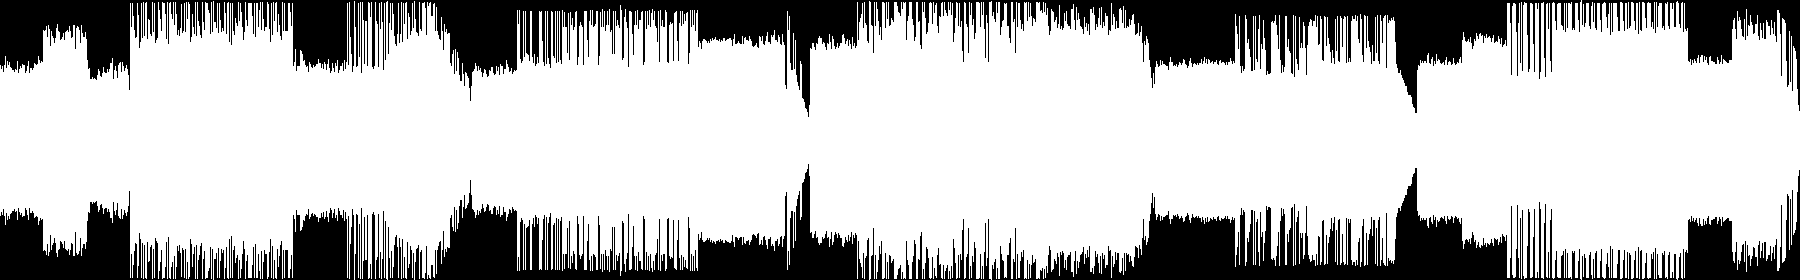 Lexicon 2 audio waveform